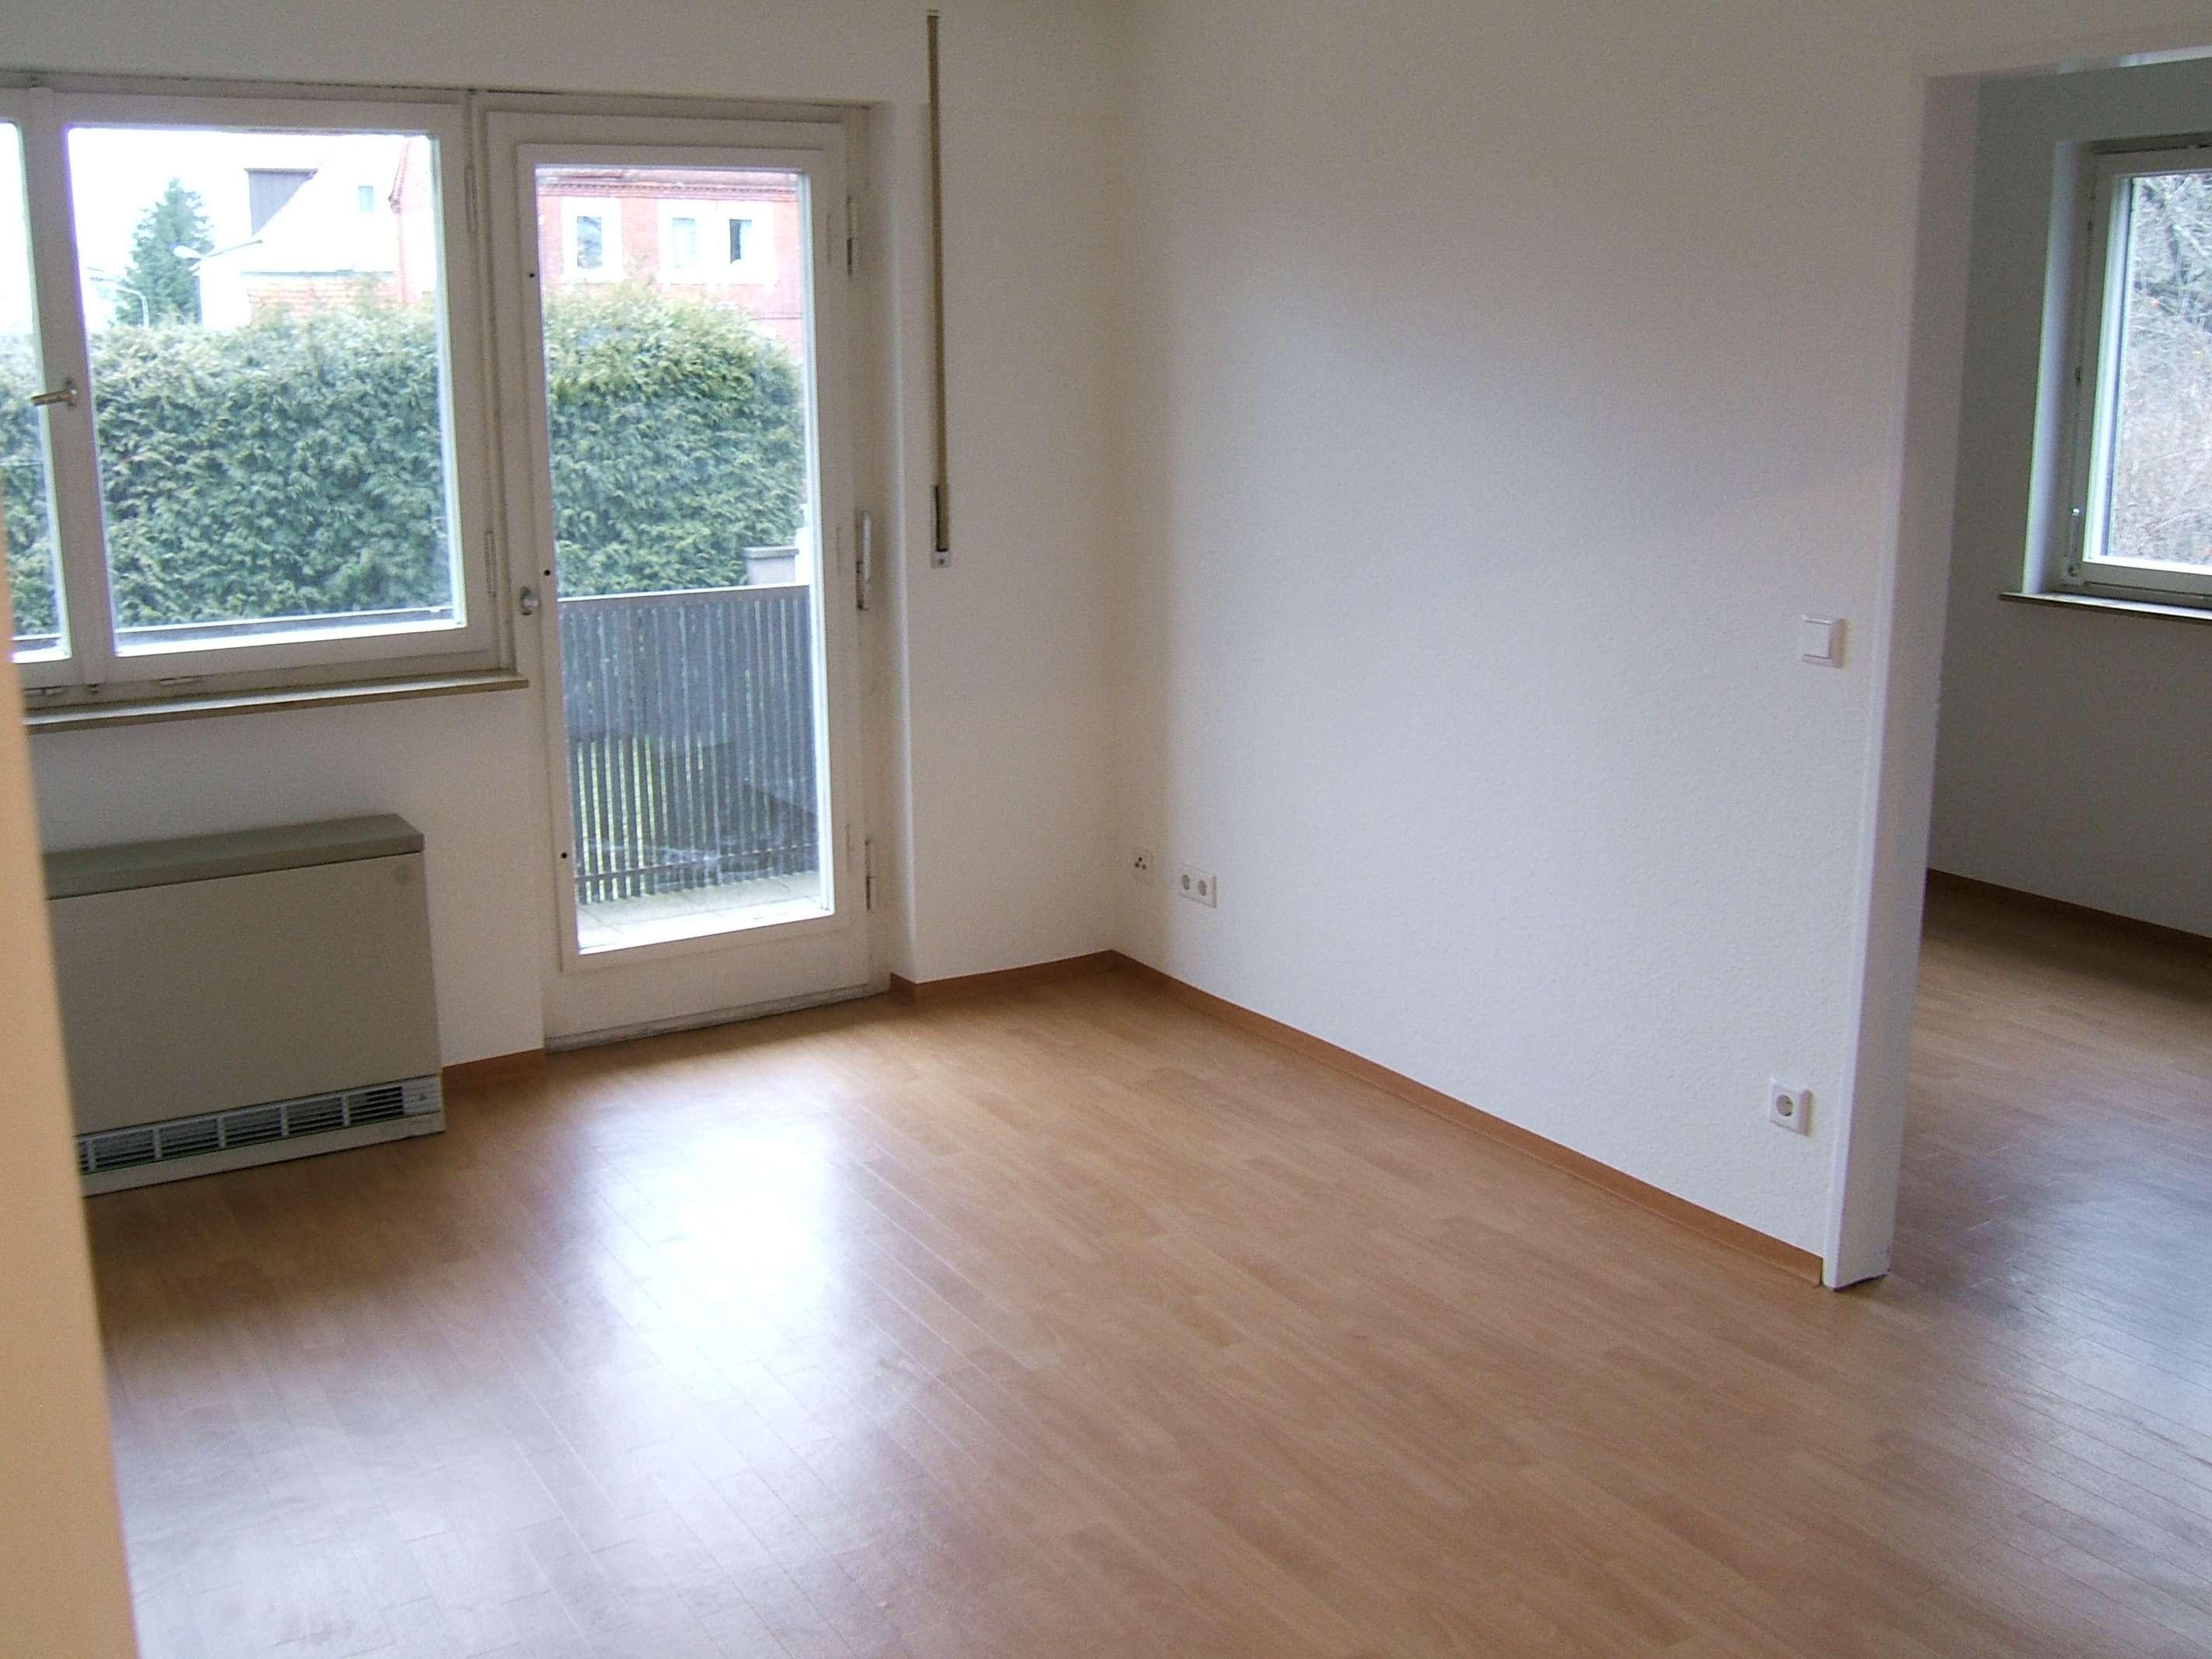 Schöne 3-Zimmer-Wohnung mit Balkon in Nürnberg in Eibach (Nürnberg)